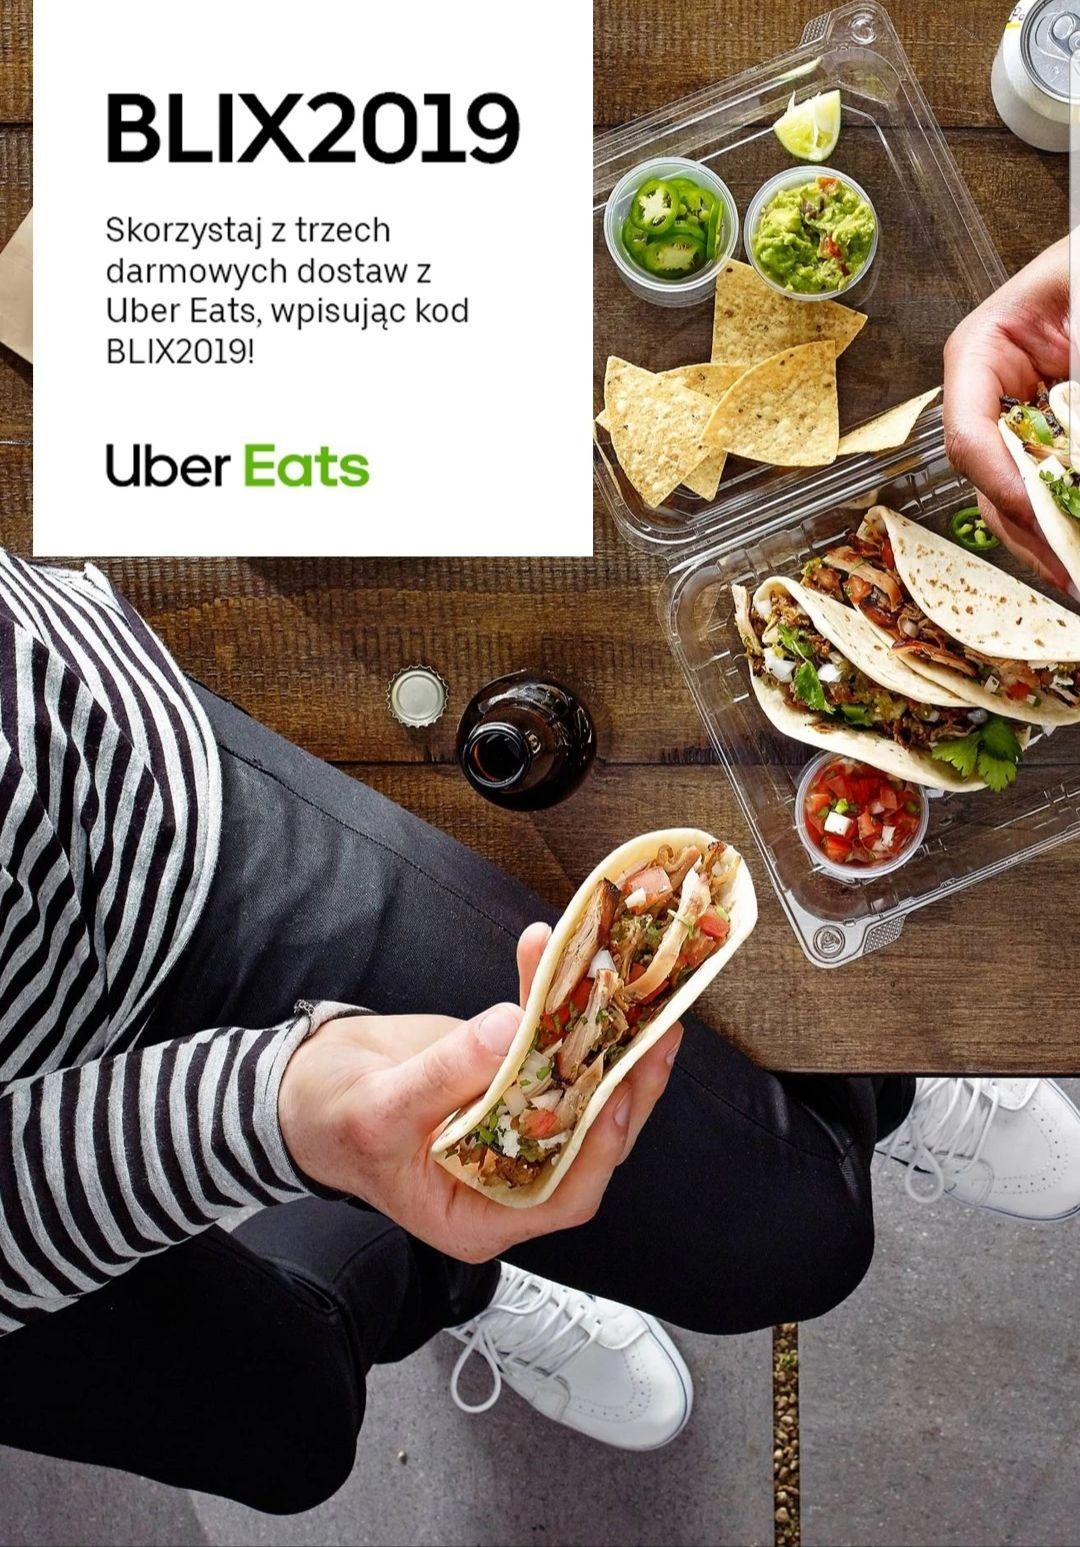 UBER EATS 3X Darmowa dostawa od 2.09 do 8.09